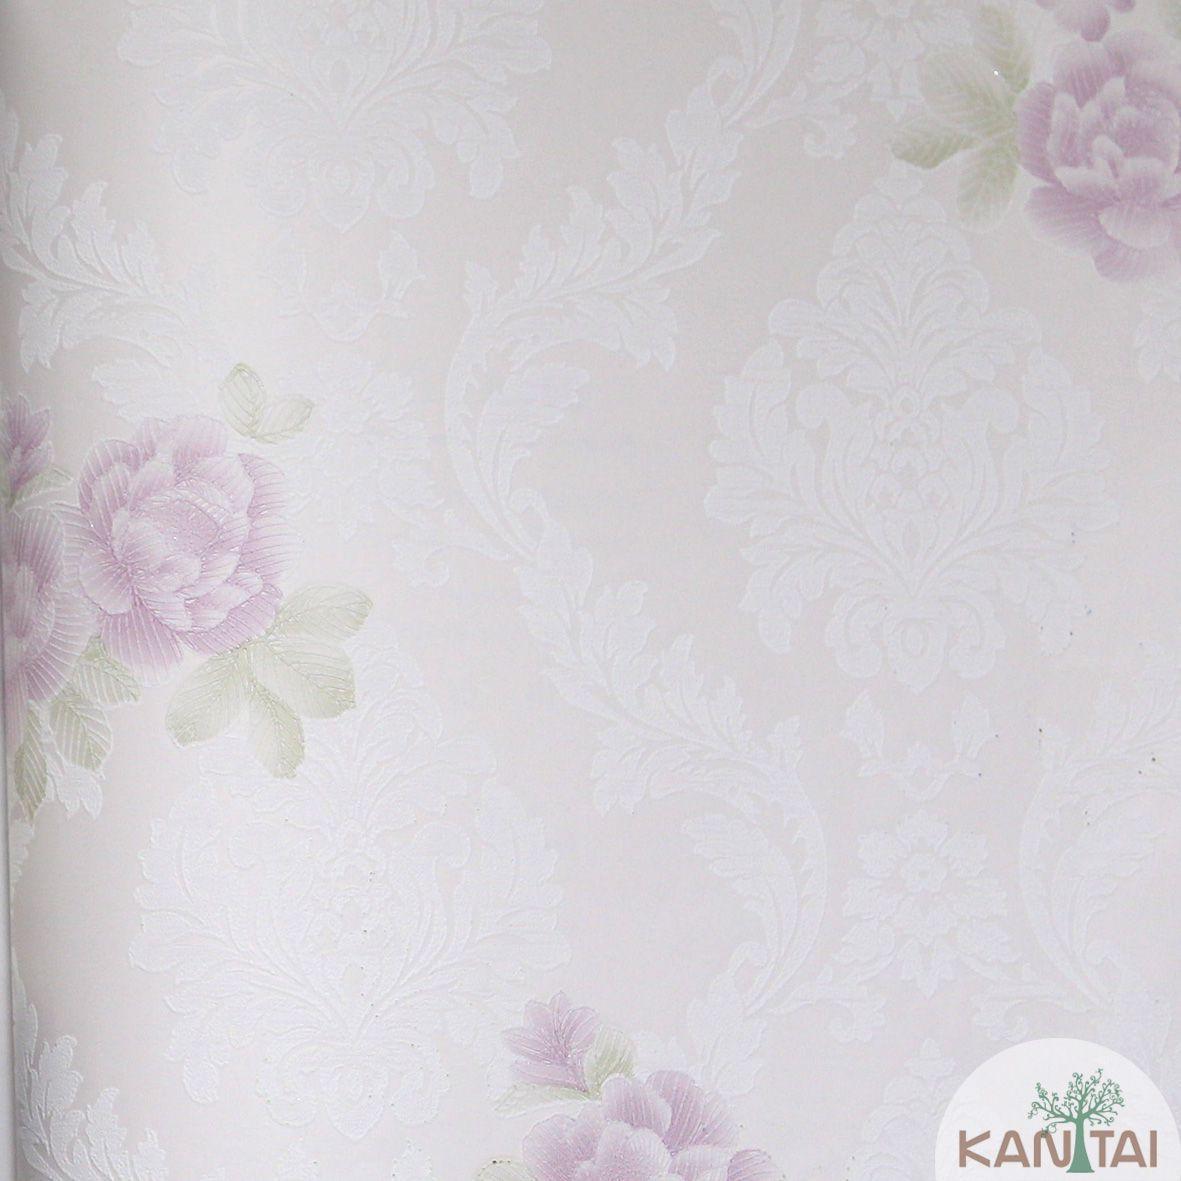 Papel de Parede Importado Kantai TNT Coleção Grace Floral Arabesco Rosê, Off white, Rosa, Verde, Baixo relevo